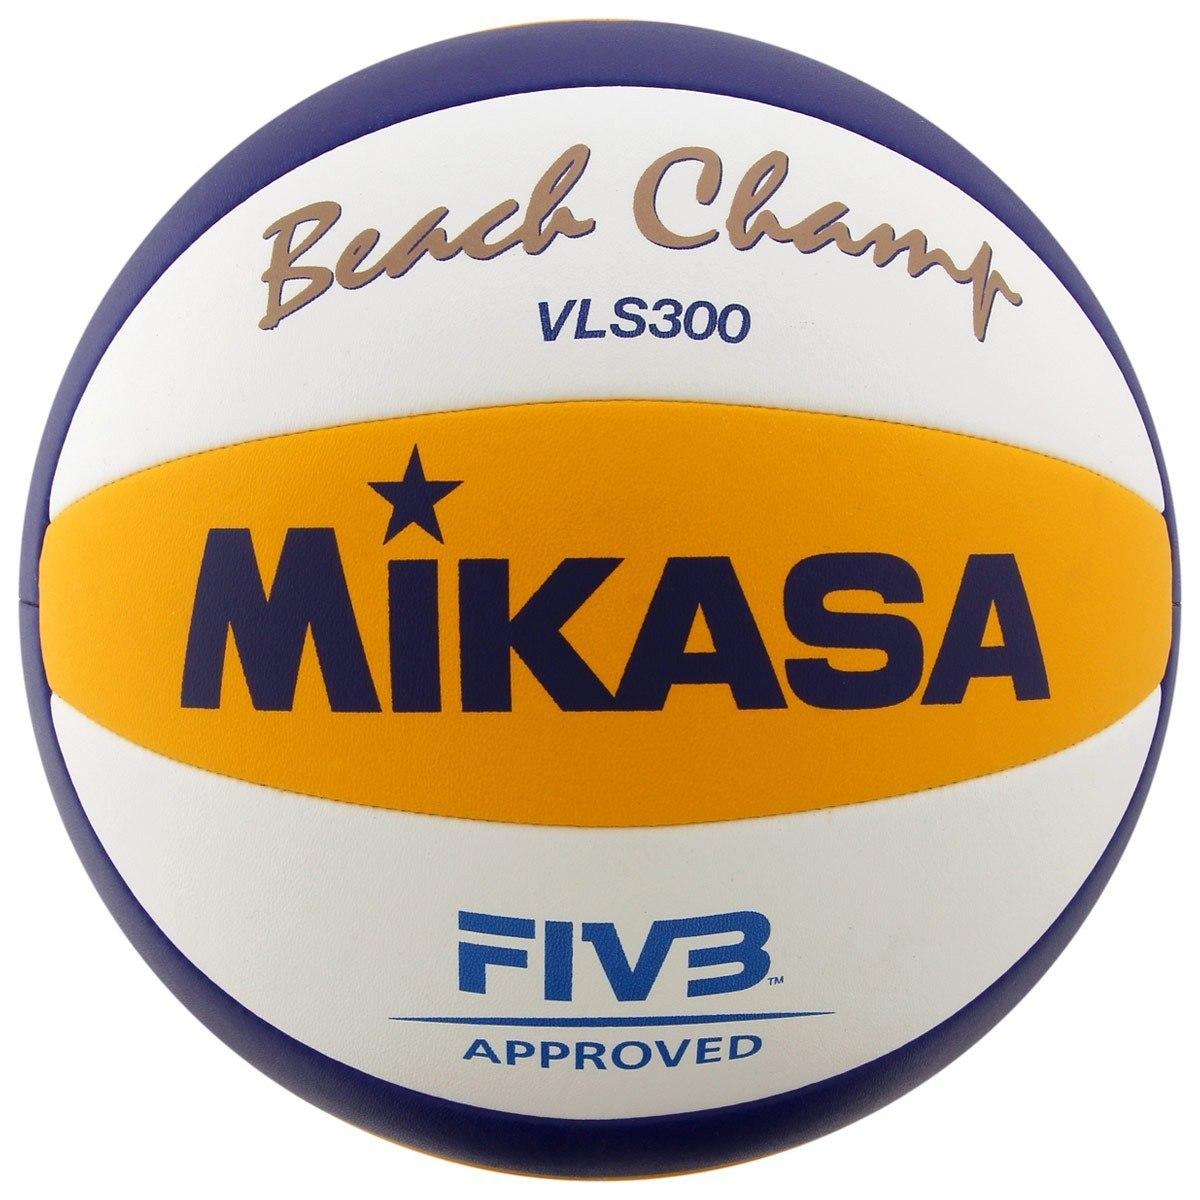 4ad3f6ac8b bola de vôlei mikasa beach champ vls 300 + produto novo. Carregando zoom.